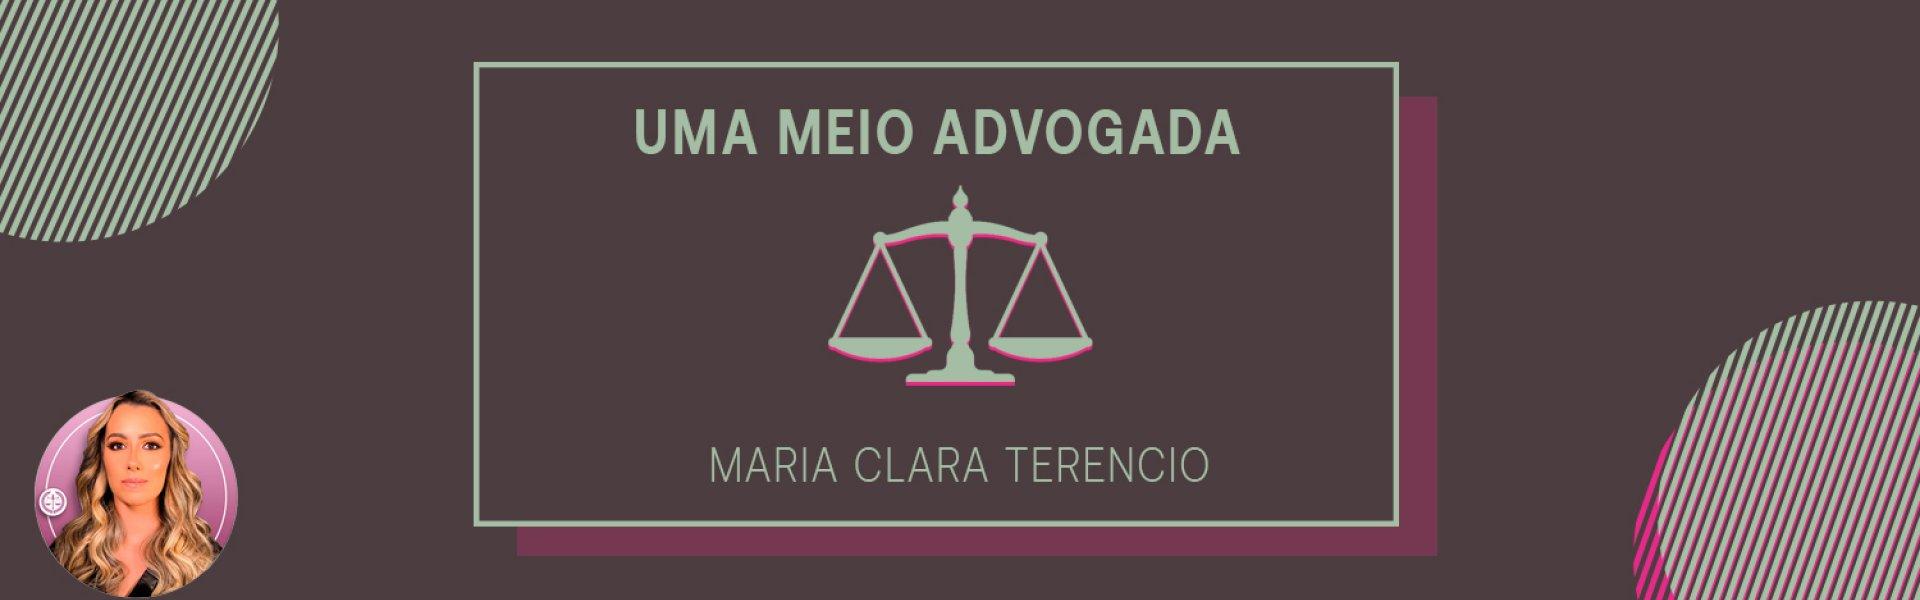 Uma Meio Advogada